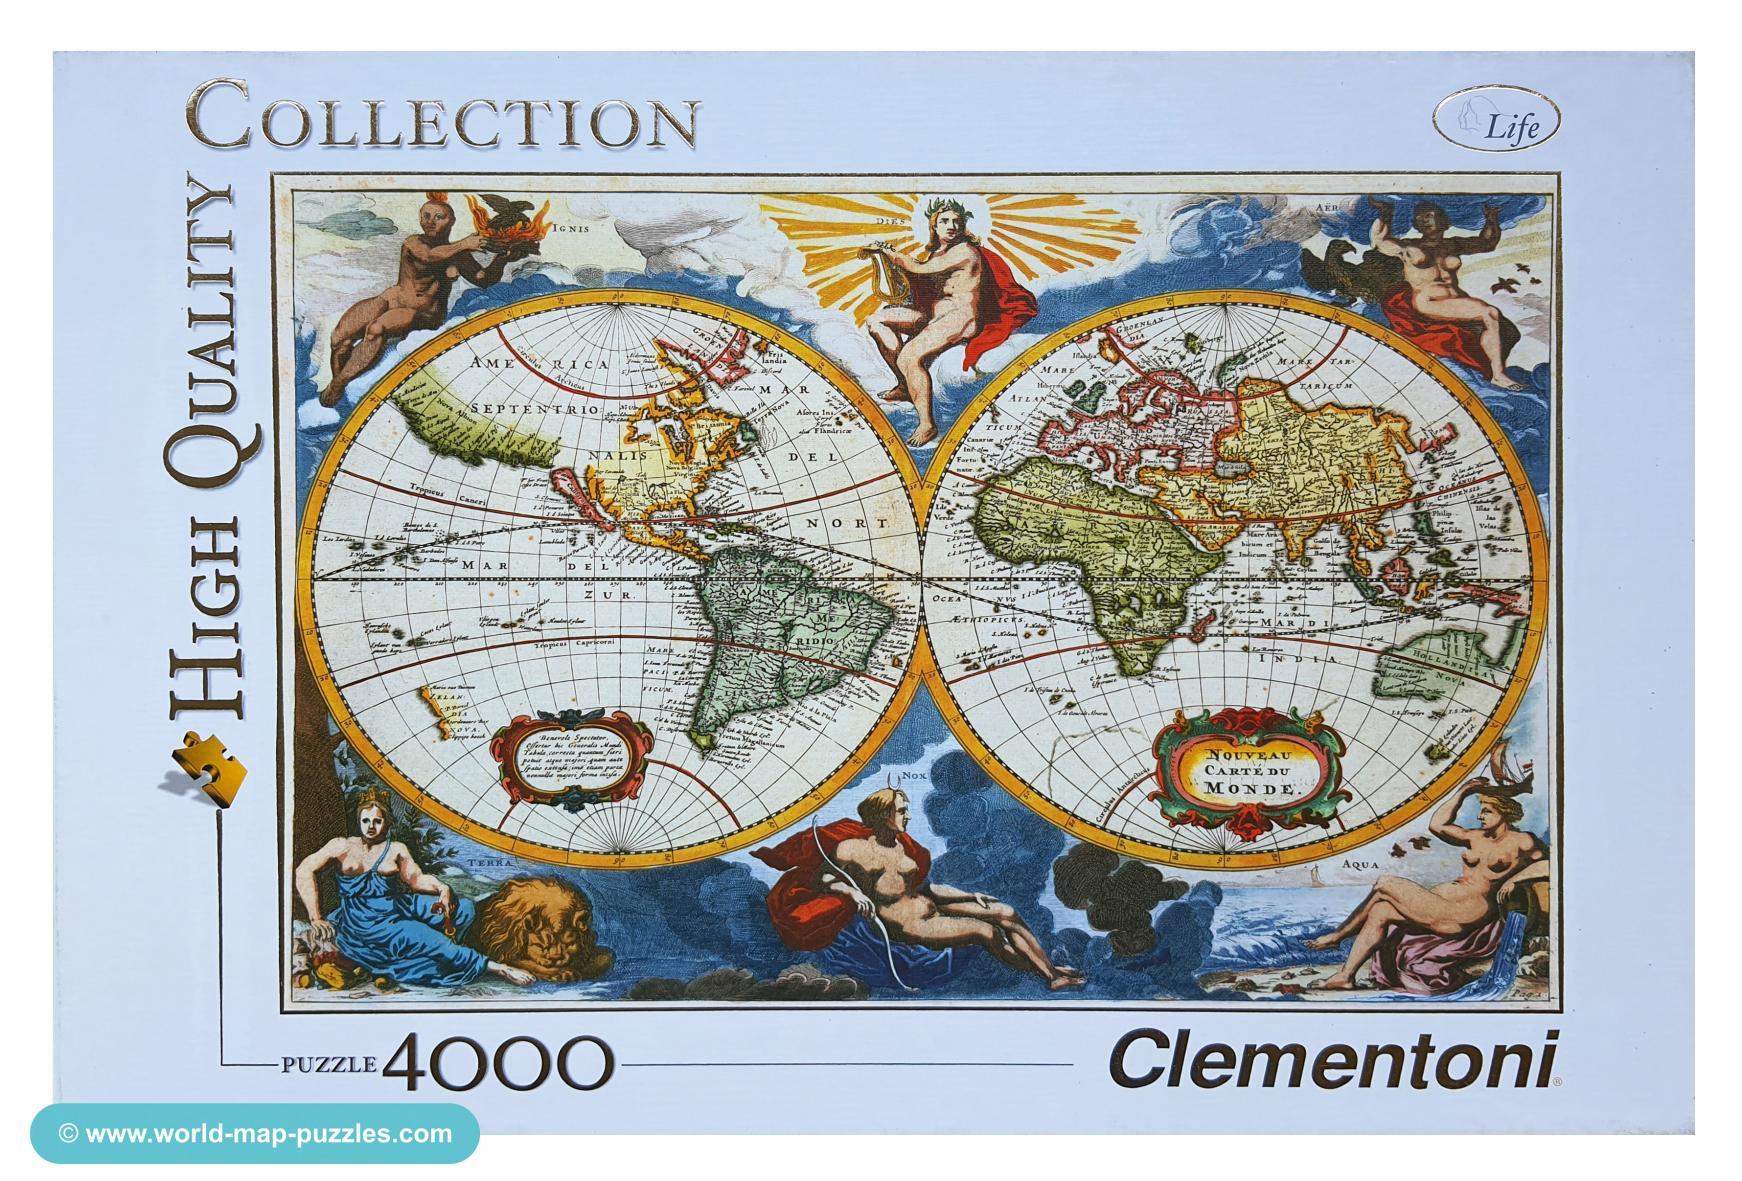 C mh-0018 Clementoni 4000